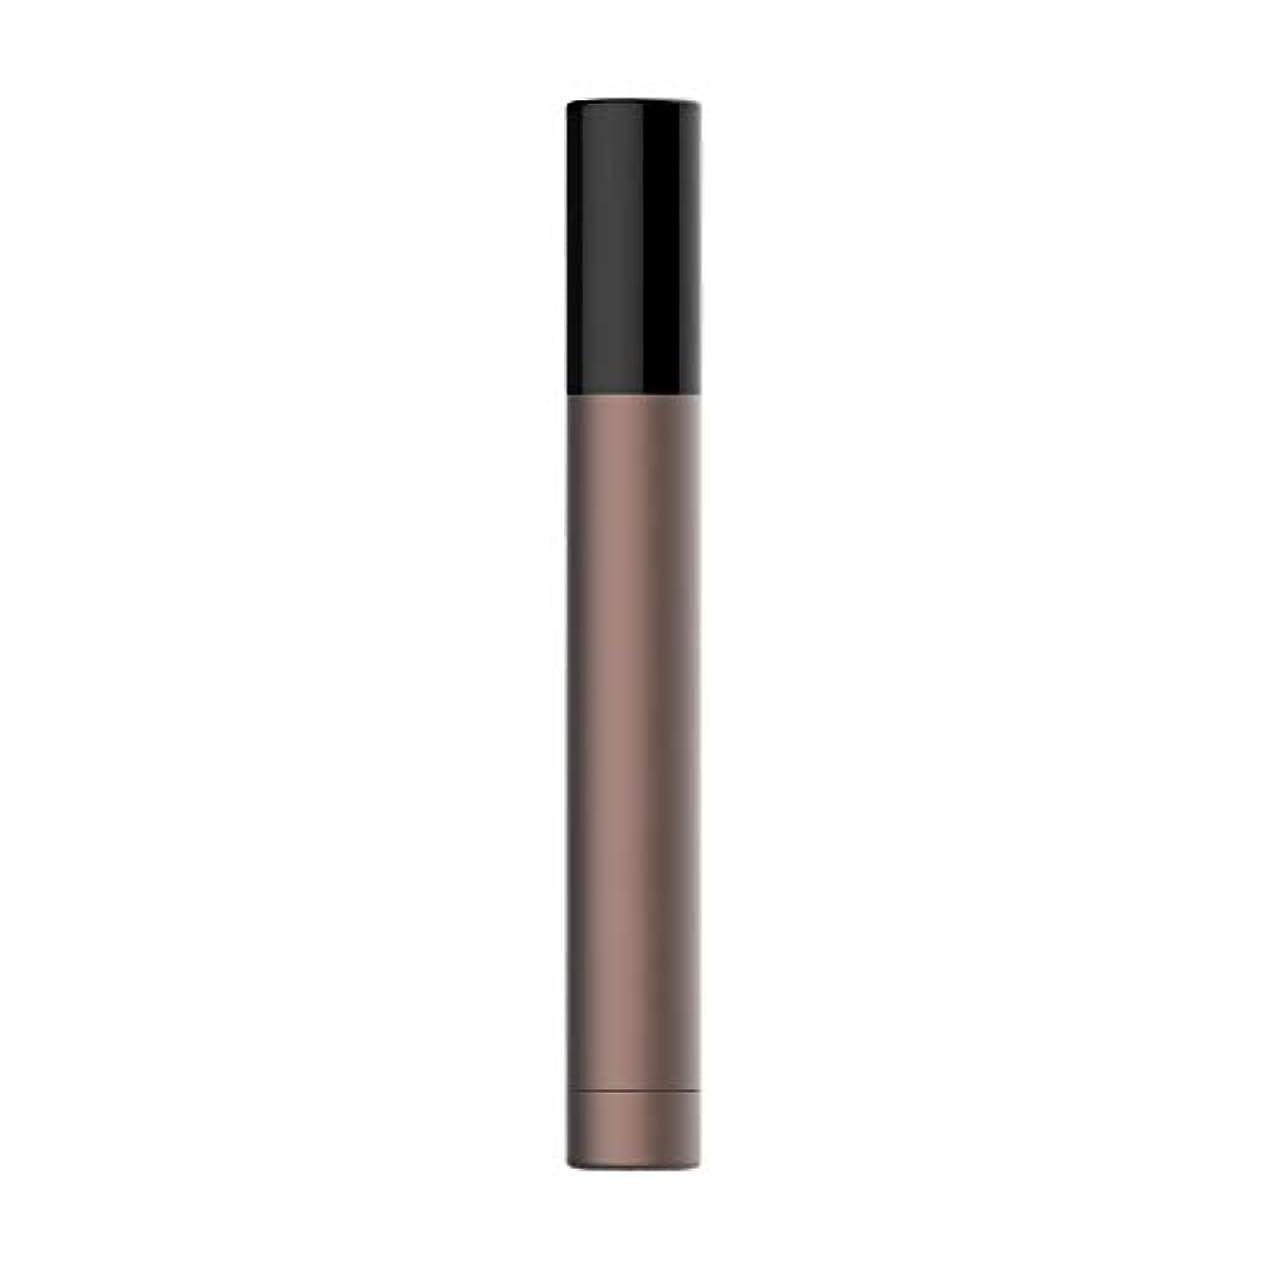 エイリアス酸素エラー鼻毛トリマー-密閉防水効果/シングルカッターヘッドシャープで耐久性のある/男性用剃毛鼻毛はさみ/ポータブルデザイン、旅行に便利/ 12.9 * 1.65cm 使いやすい